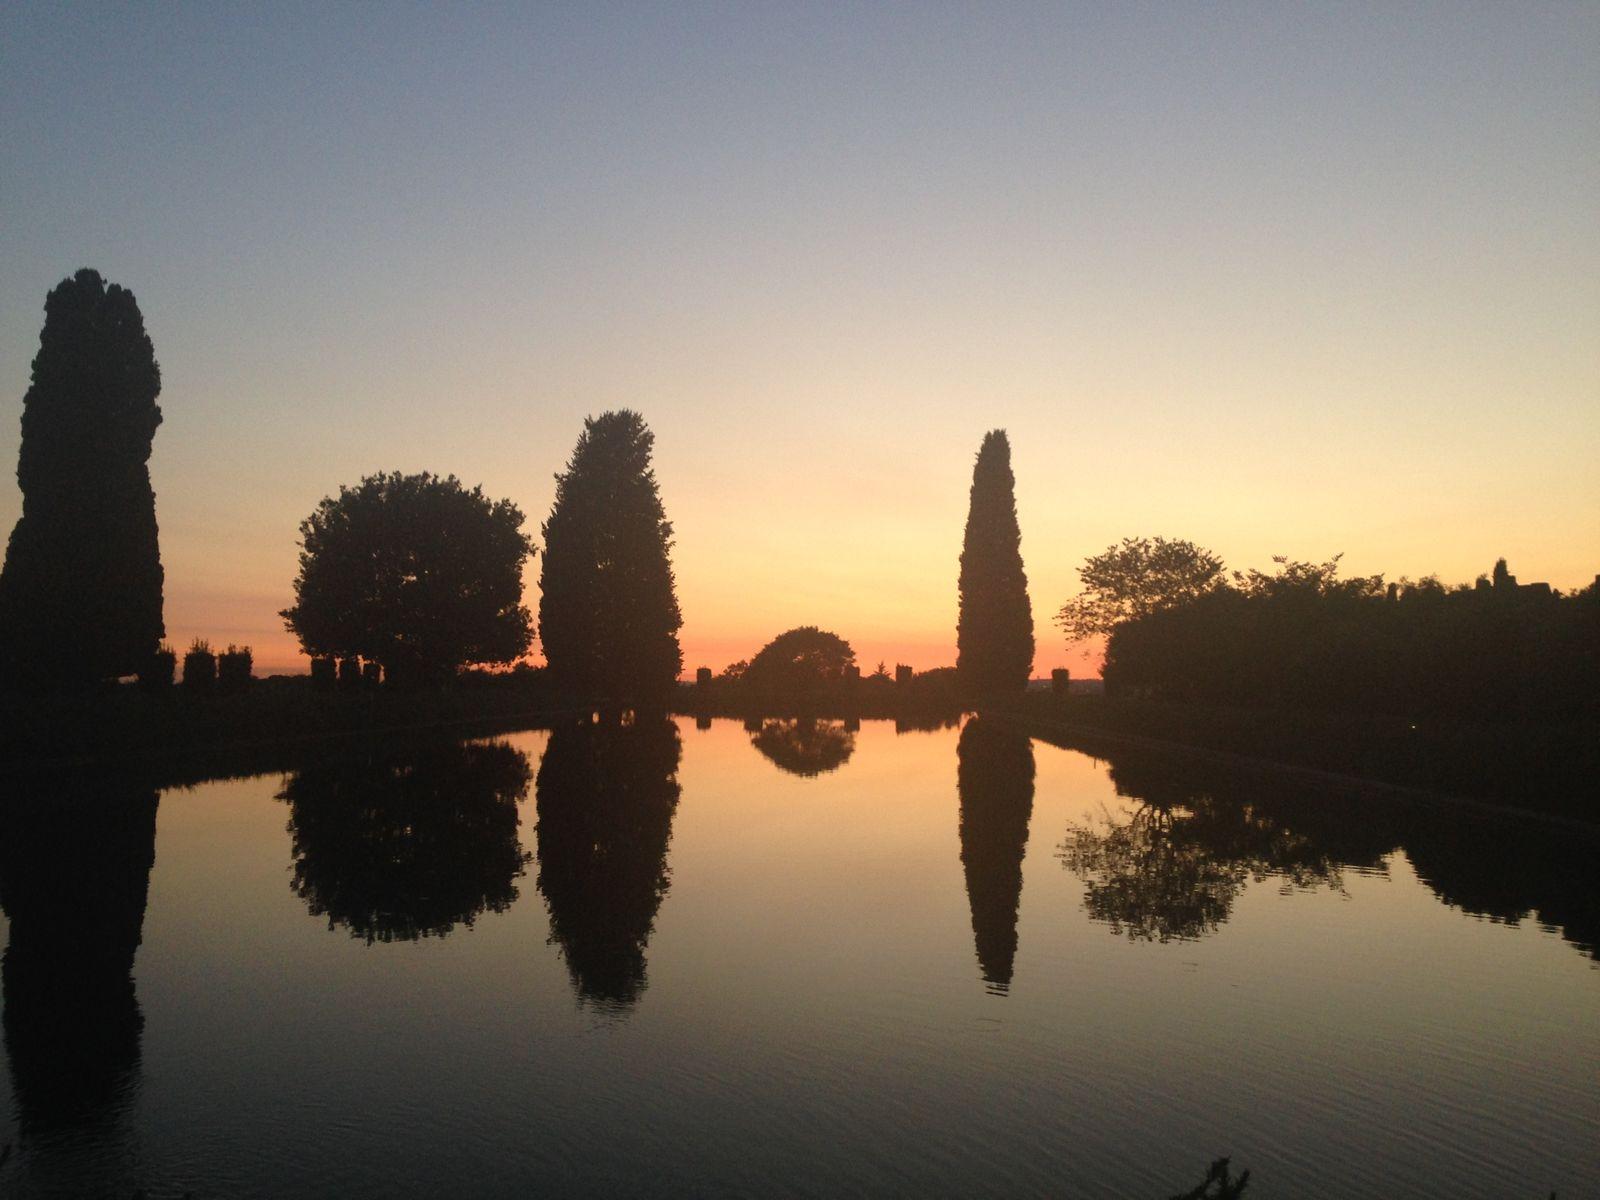 Sonnenuntergang in der Villa Adriana, Tivoli © Staatliche Museen zu Berlin, Ägyptisches Museum und Papyrussammlung / J. Jancziak